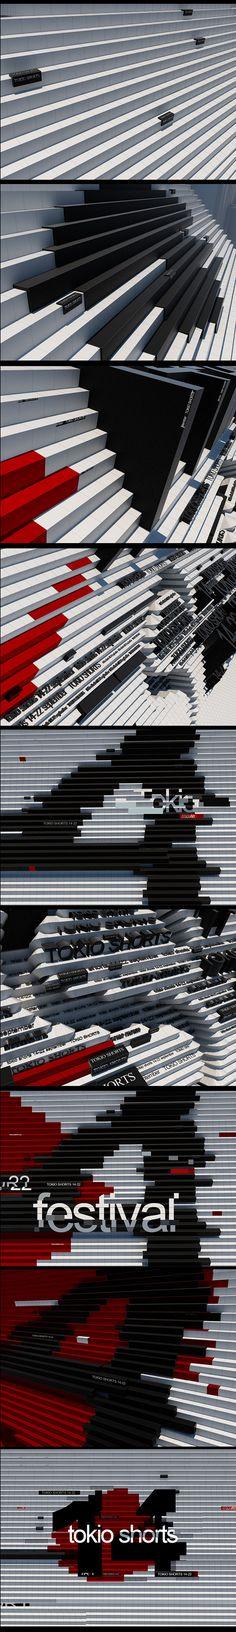 The 22thTOKYO INTERNATIAONAL FILM FESTIVAL on Behance